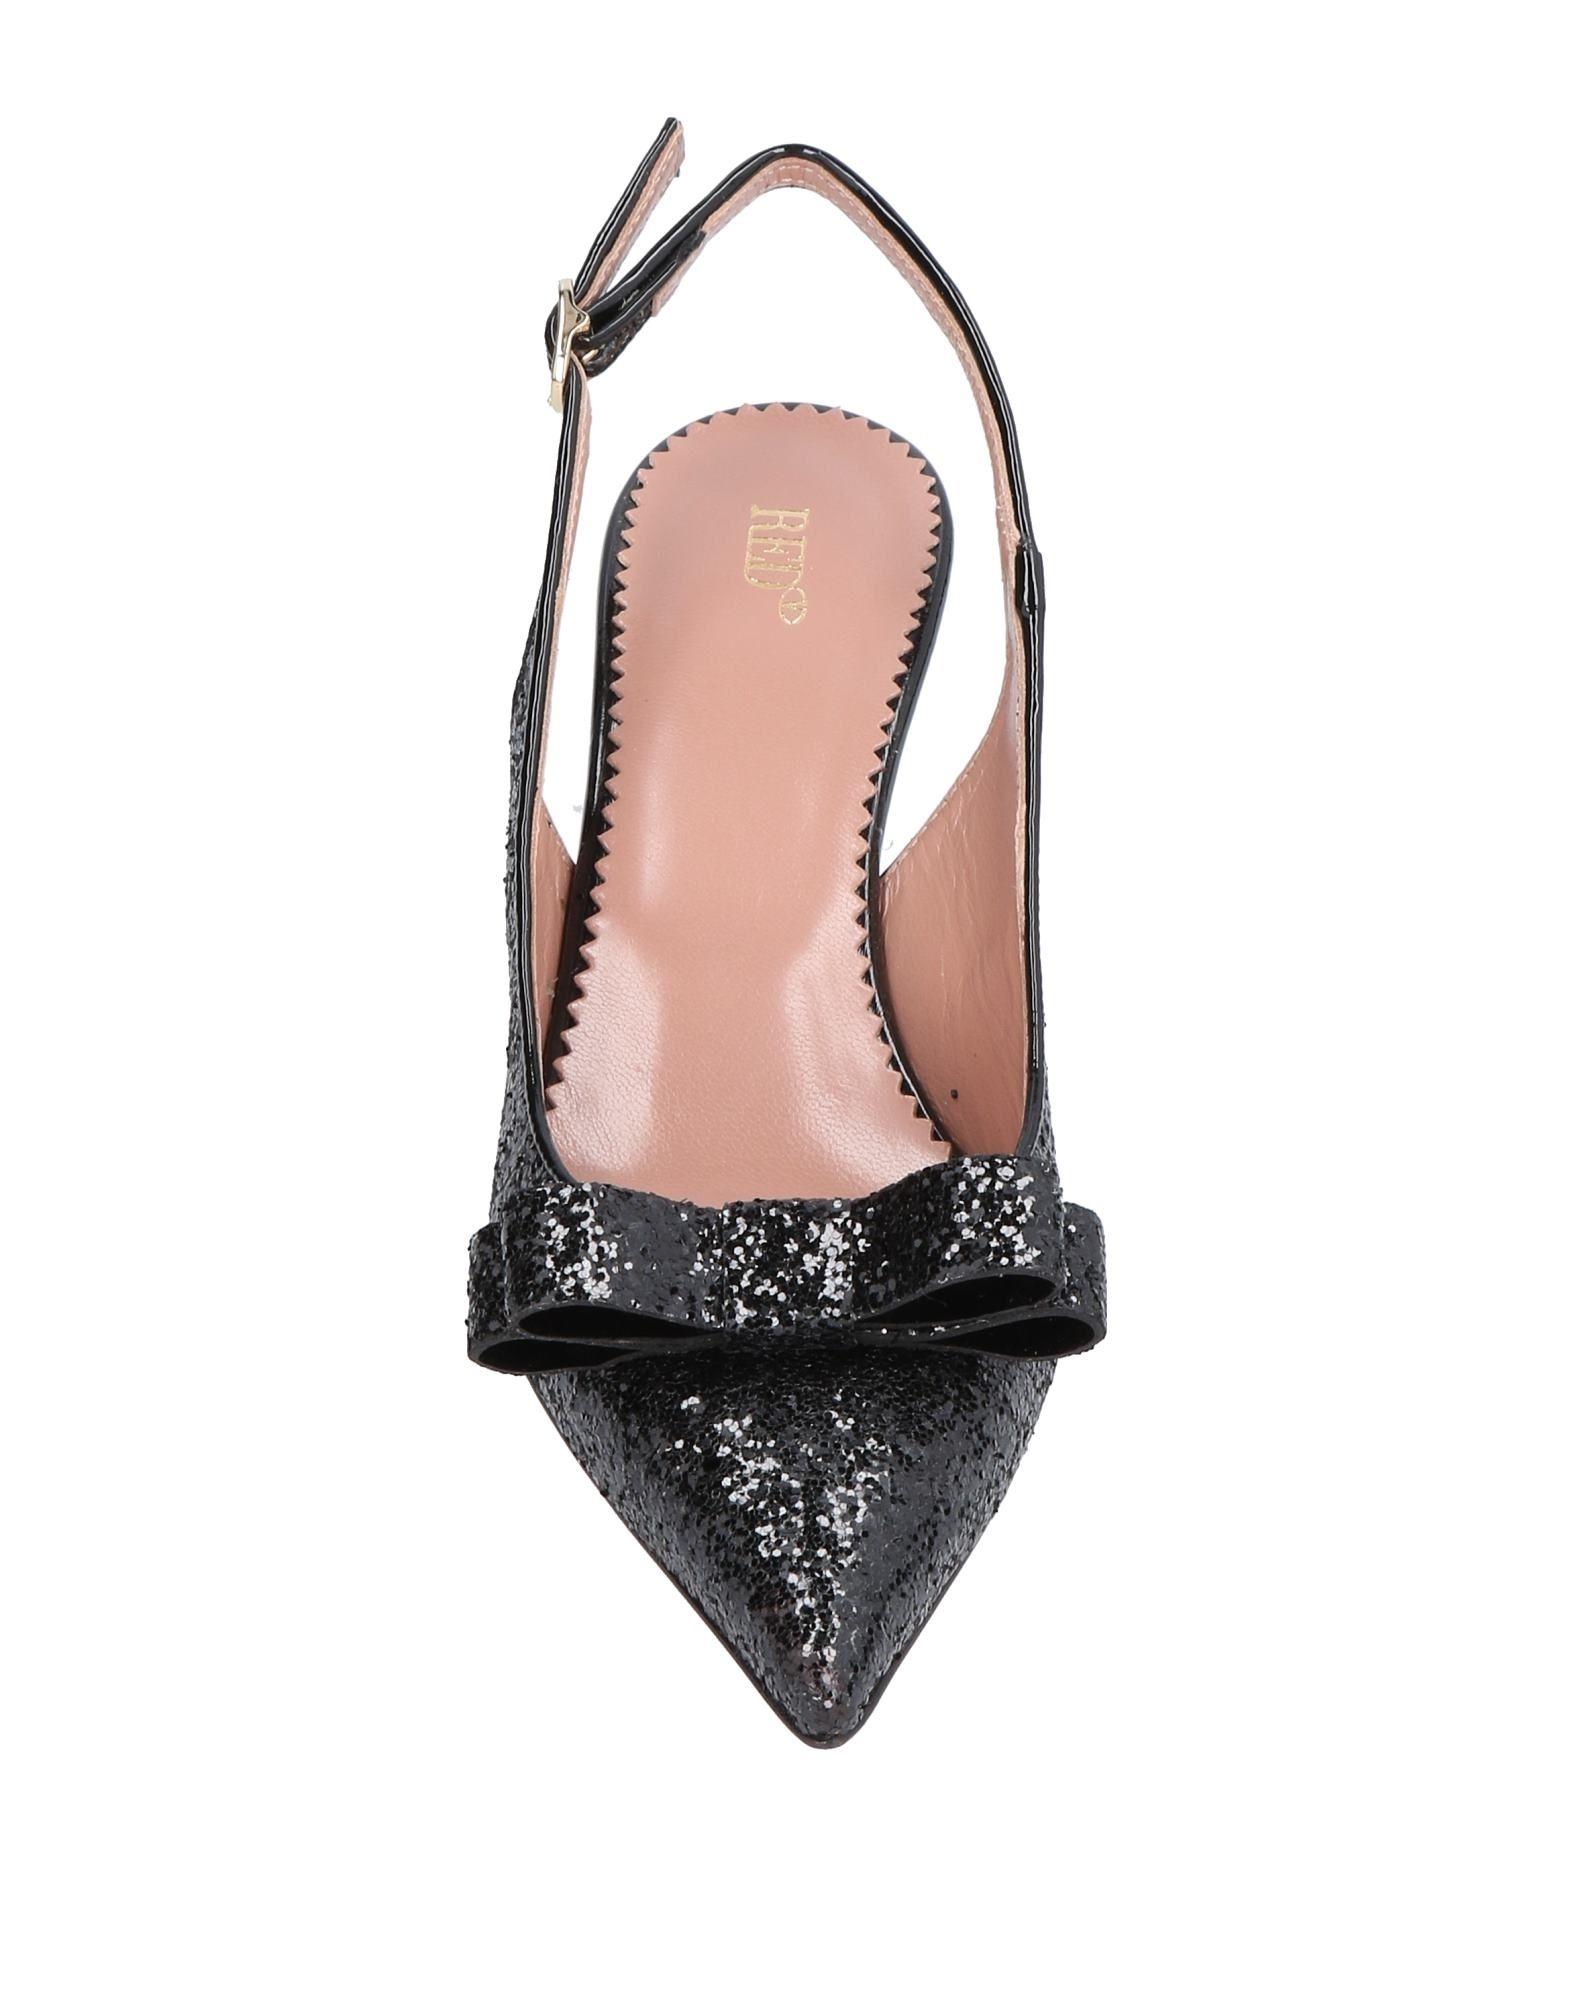 Stilvolle billige Schuhe Red(V) Pumps Damen  11501506XW 11501506XW 11501506XW 6e07dc